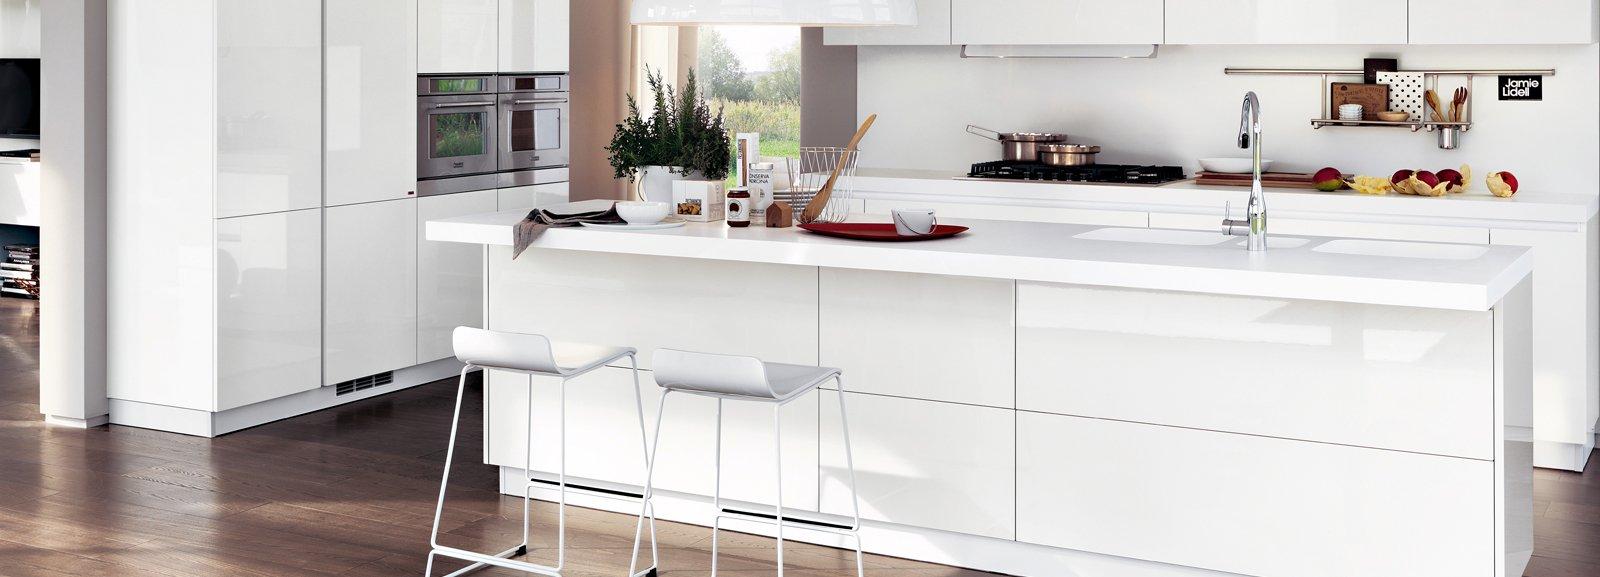 Cucina la voglio tutta bianca cose di casa - Cucina moderna bianca ...